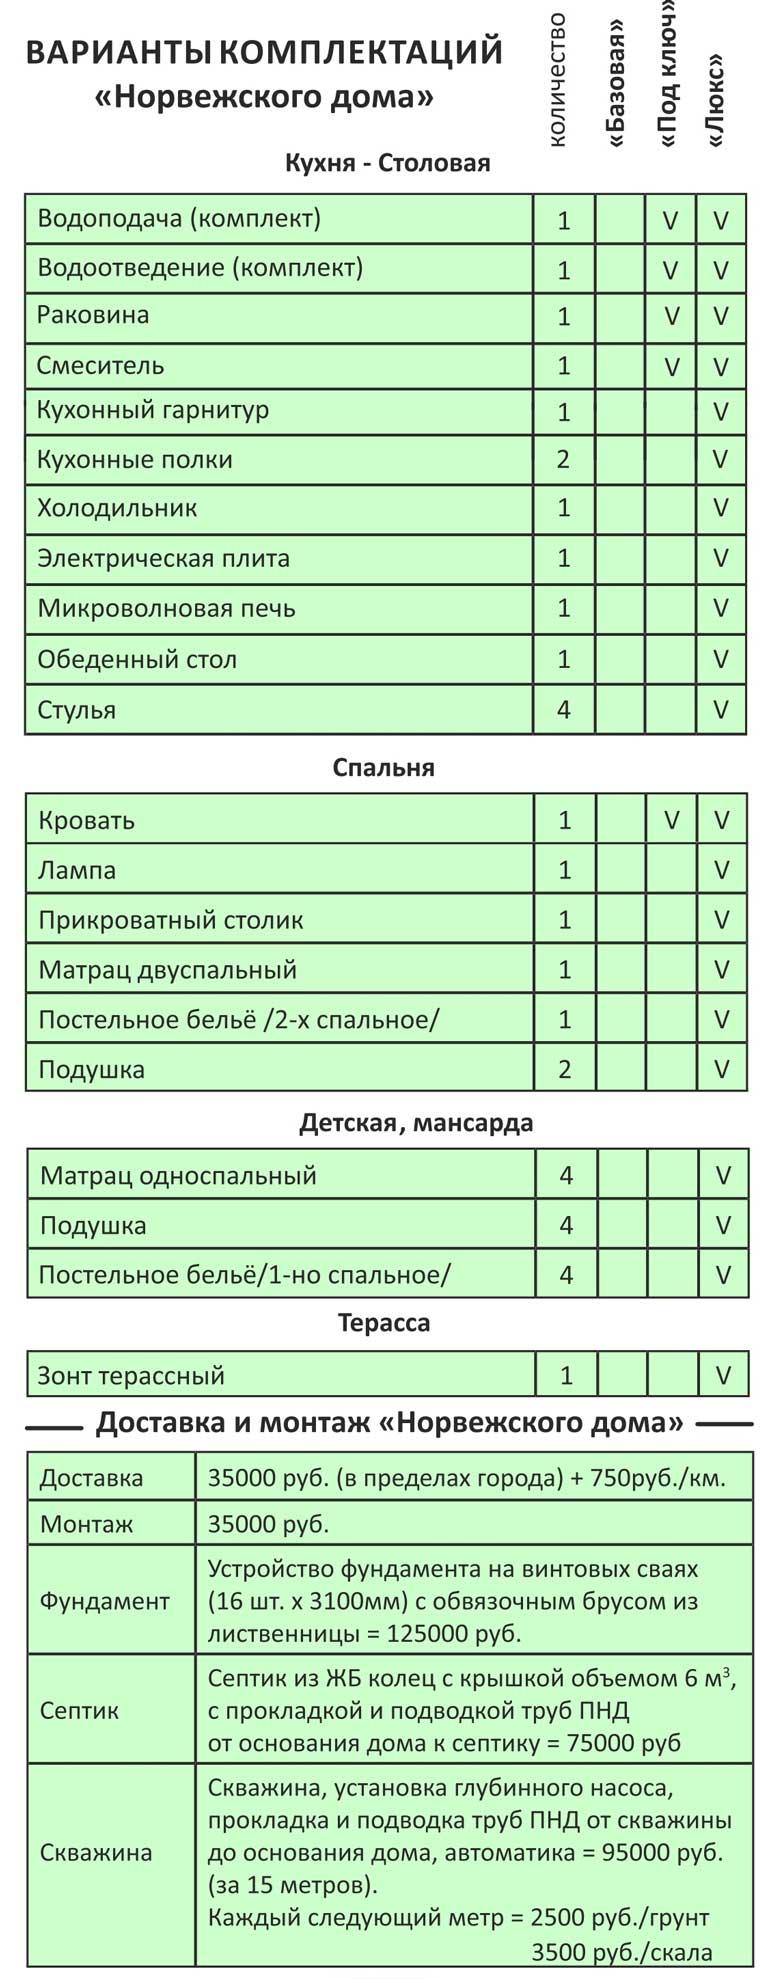 norvezhskiy-dom-banya-52-kursk